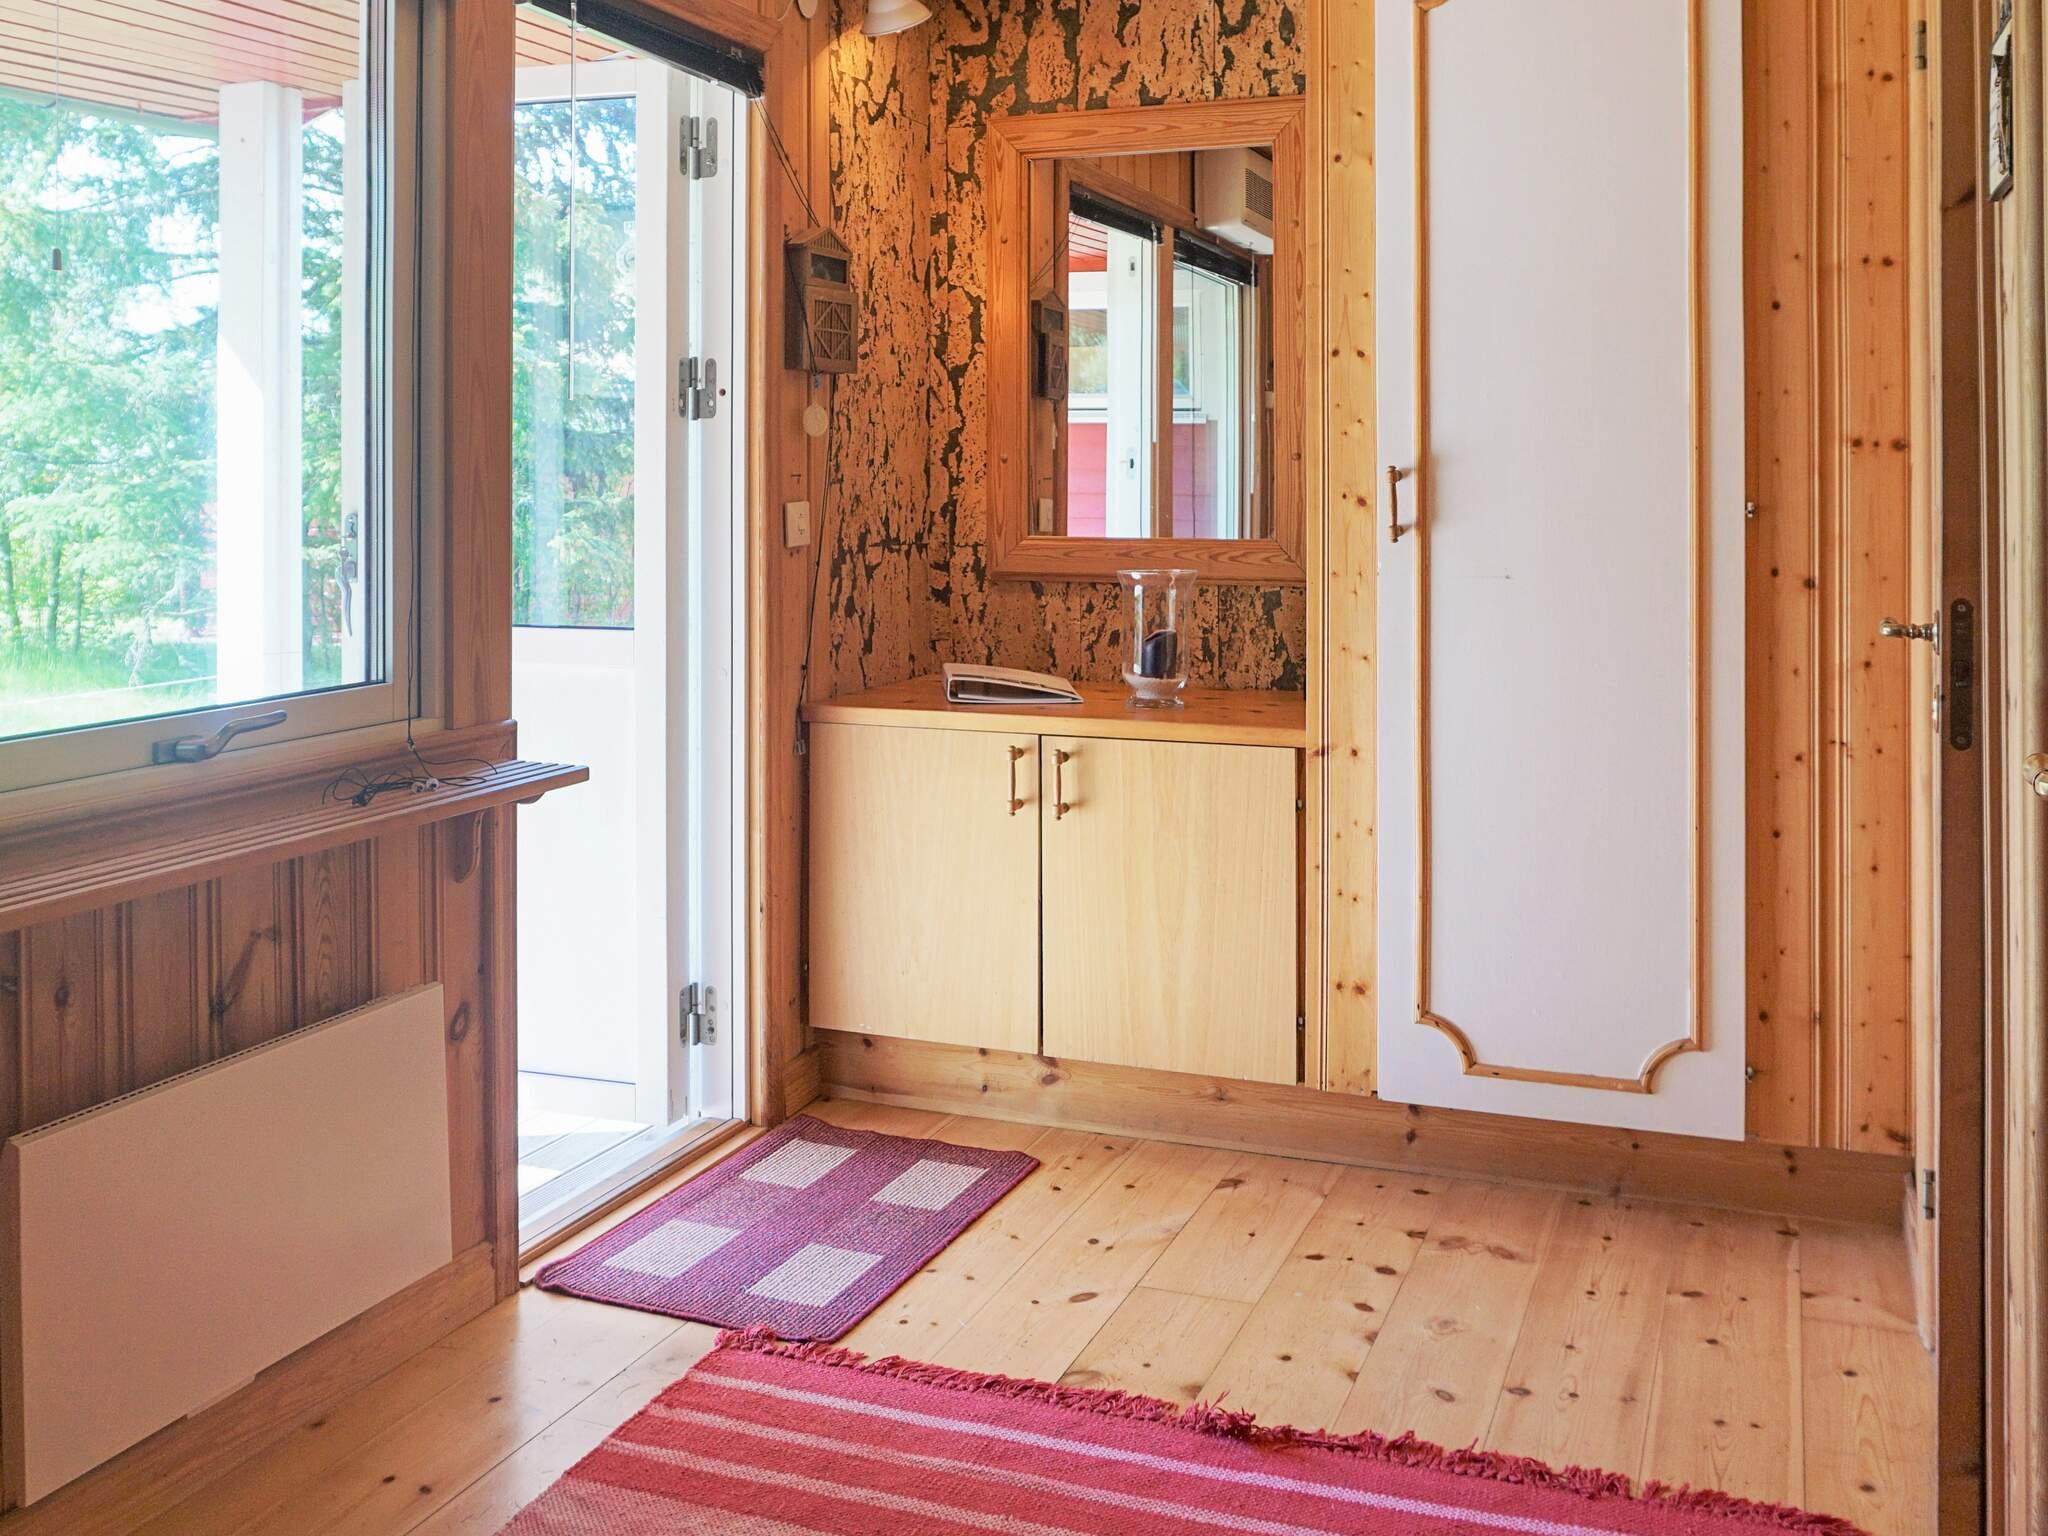 Ferienhaus Barkedal (2627959), Brastad, Västra Götaland län, Westschweden, Schweden, Bild 6